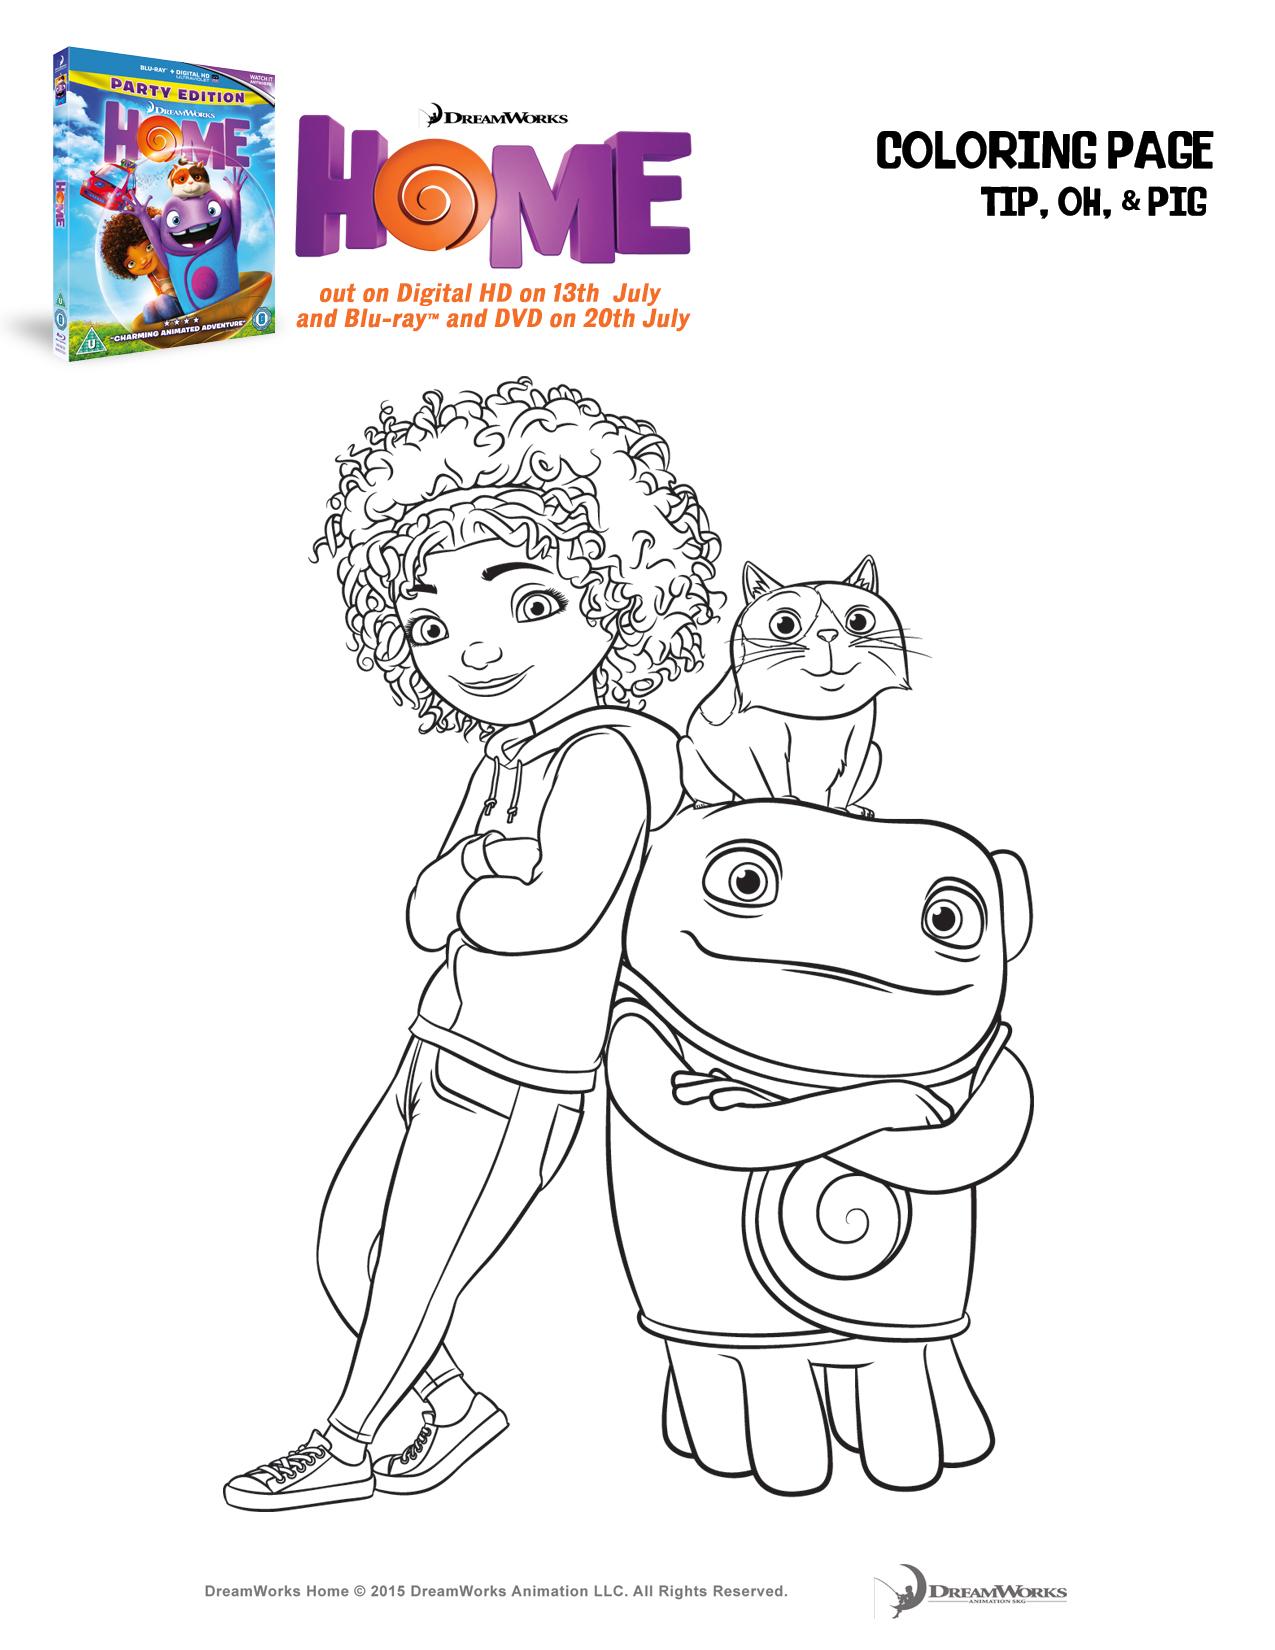 home_printable_coloringpage_group_intl